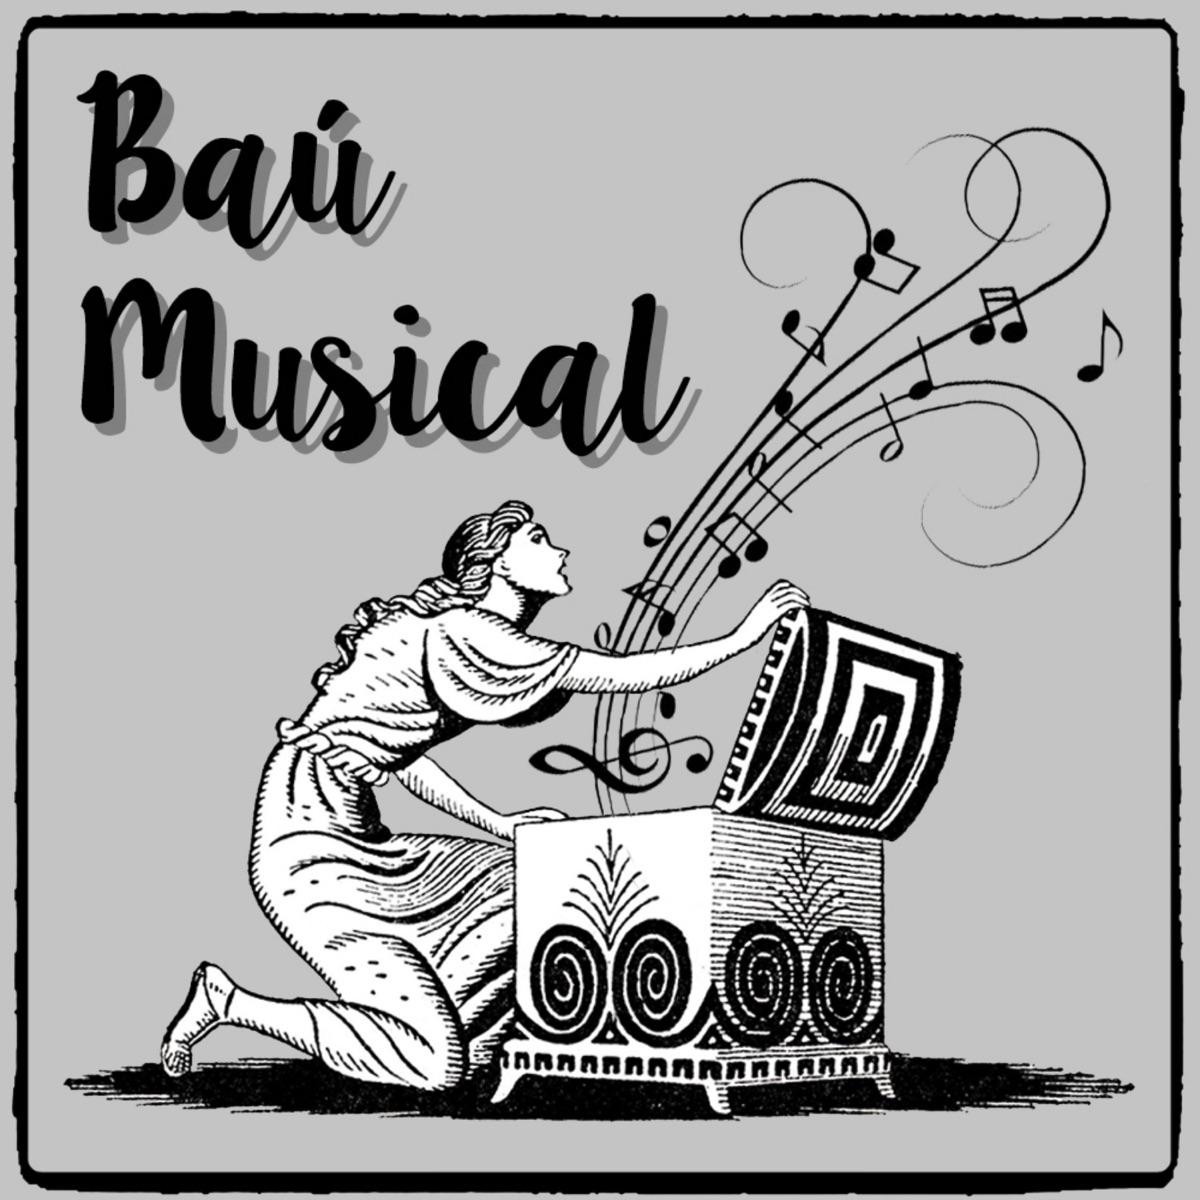 Baú Musical